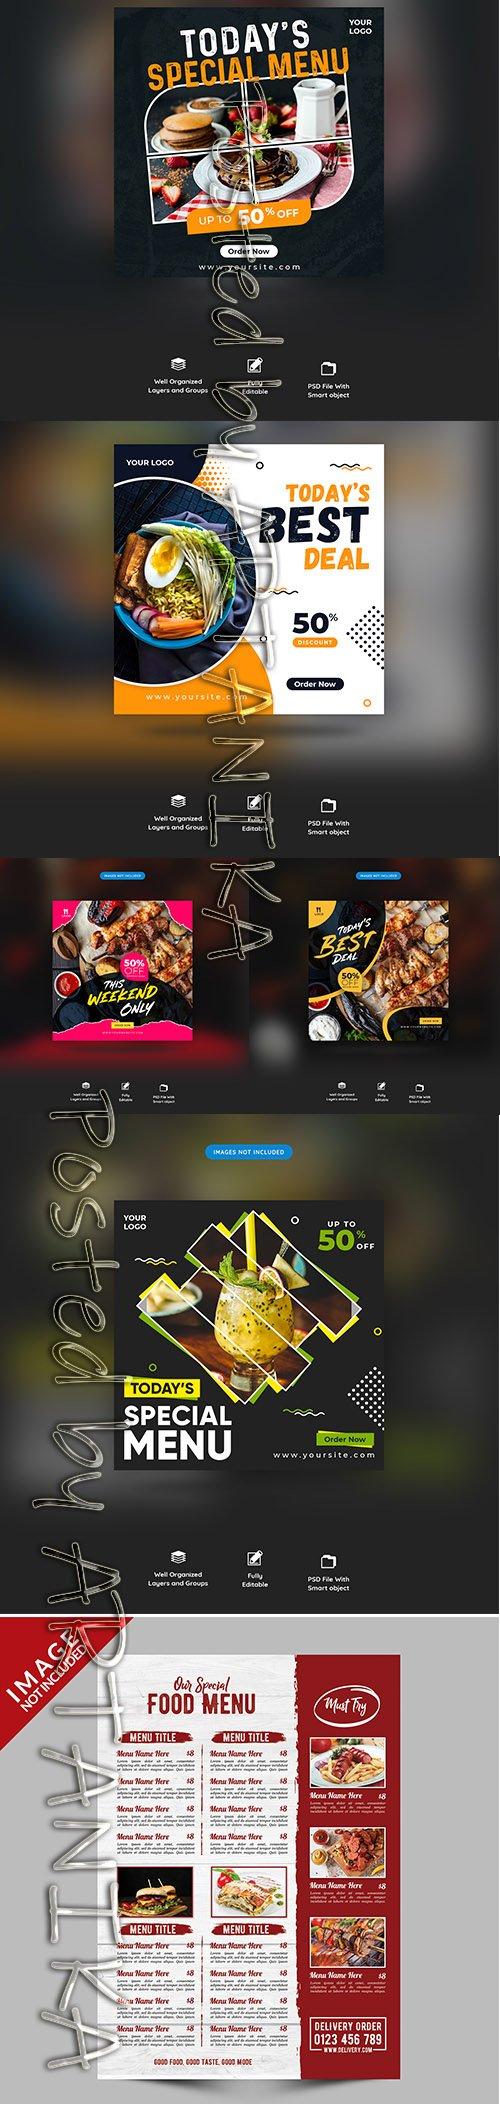 Restaurant Food Menu Social Media Post and Menu Template